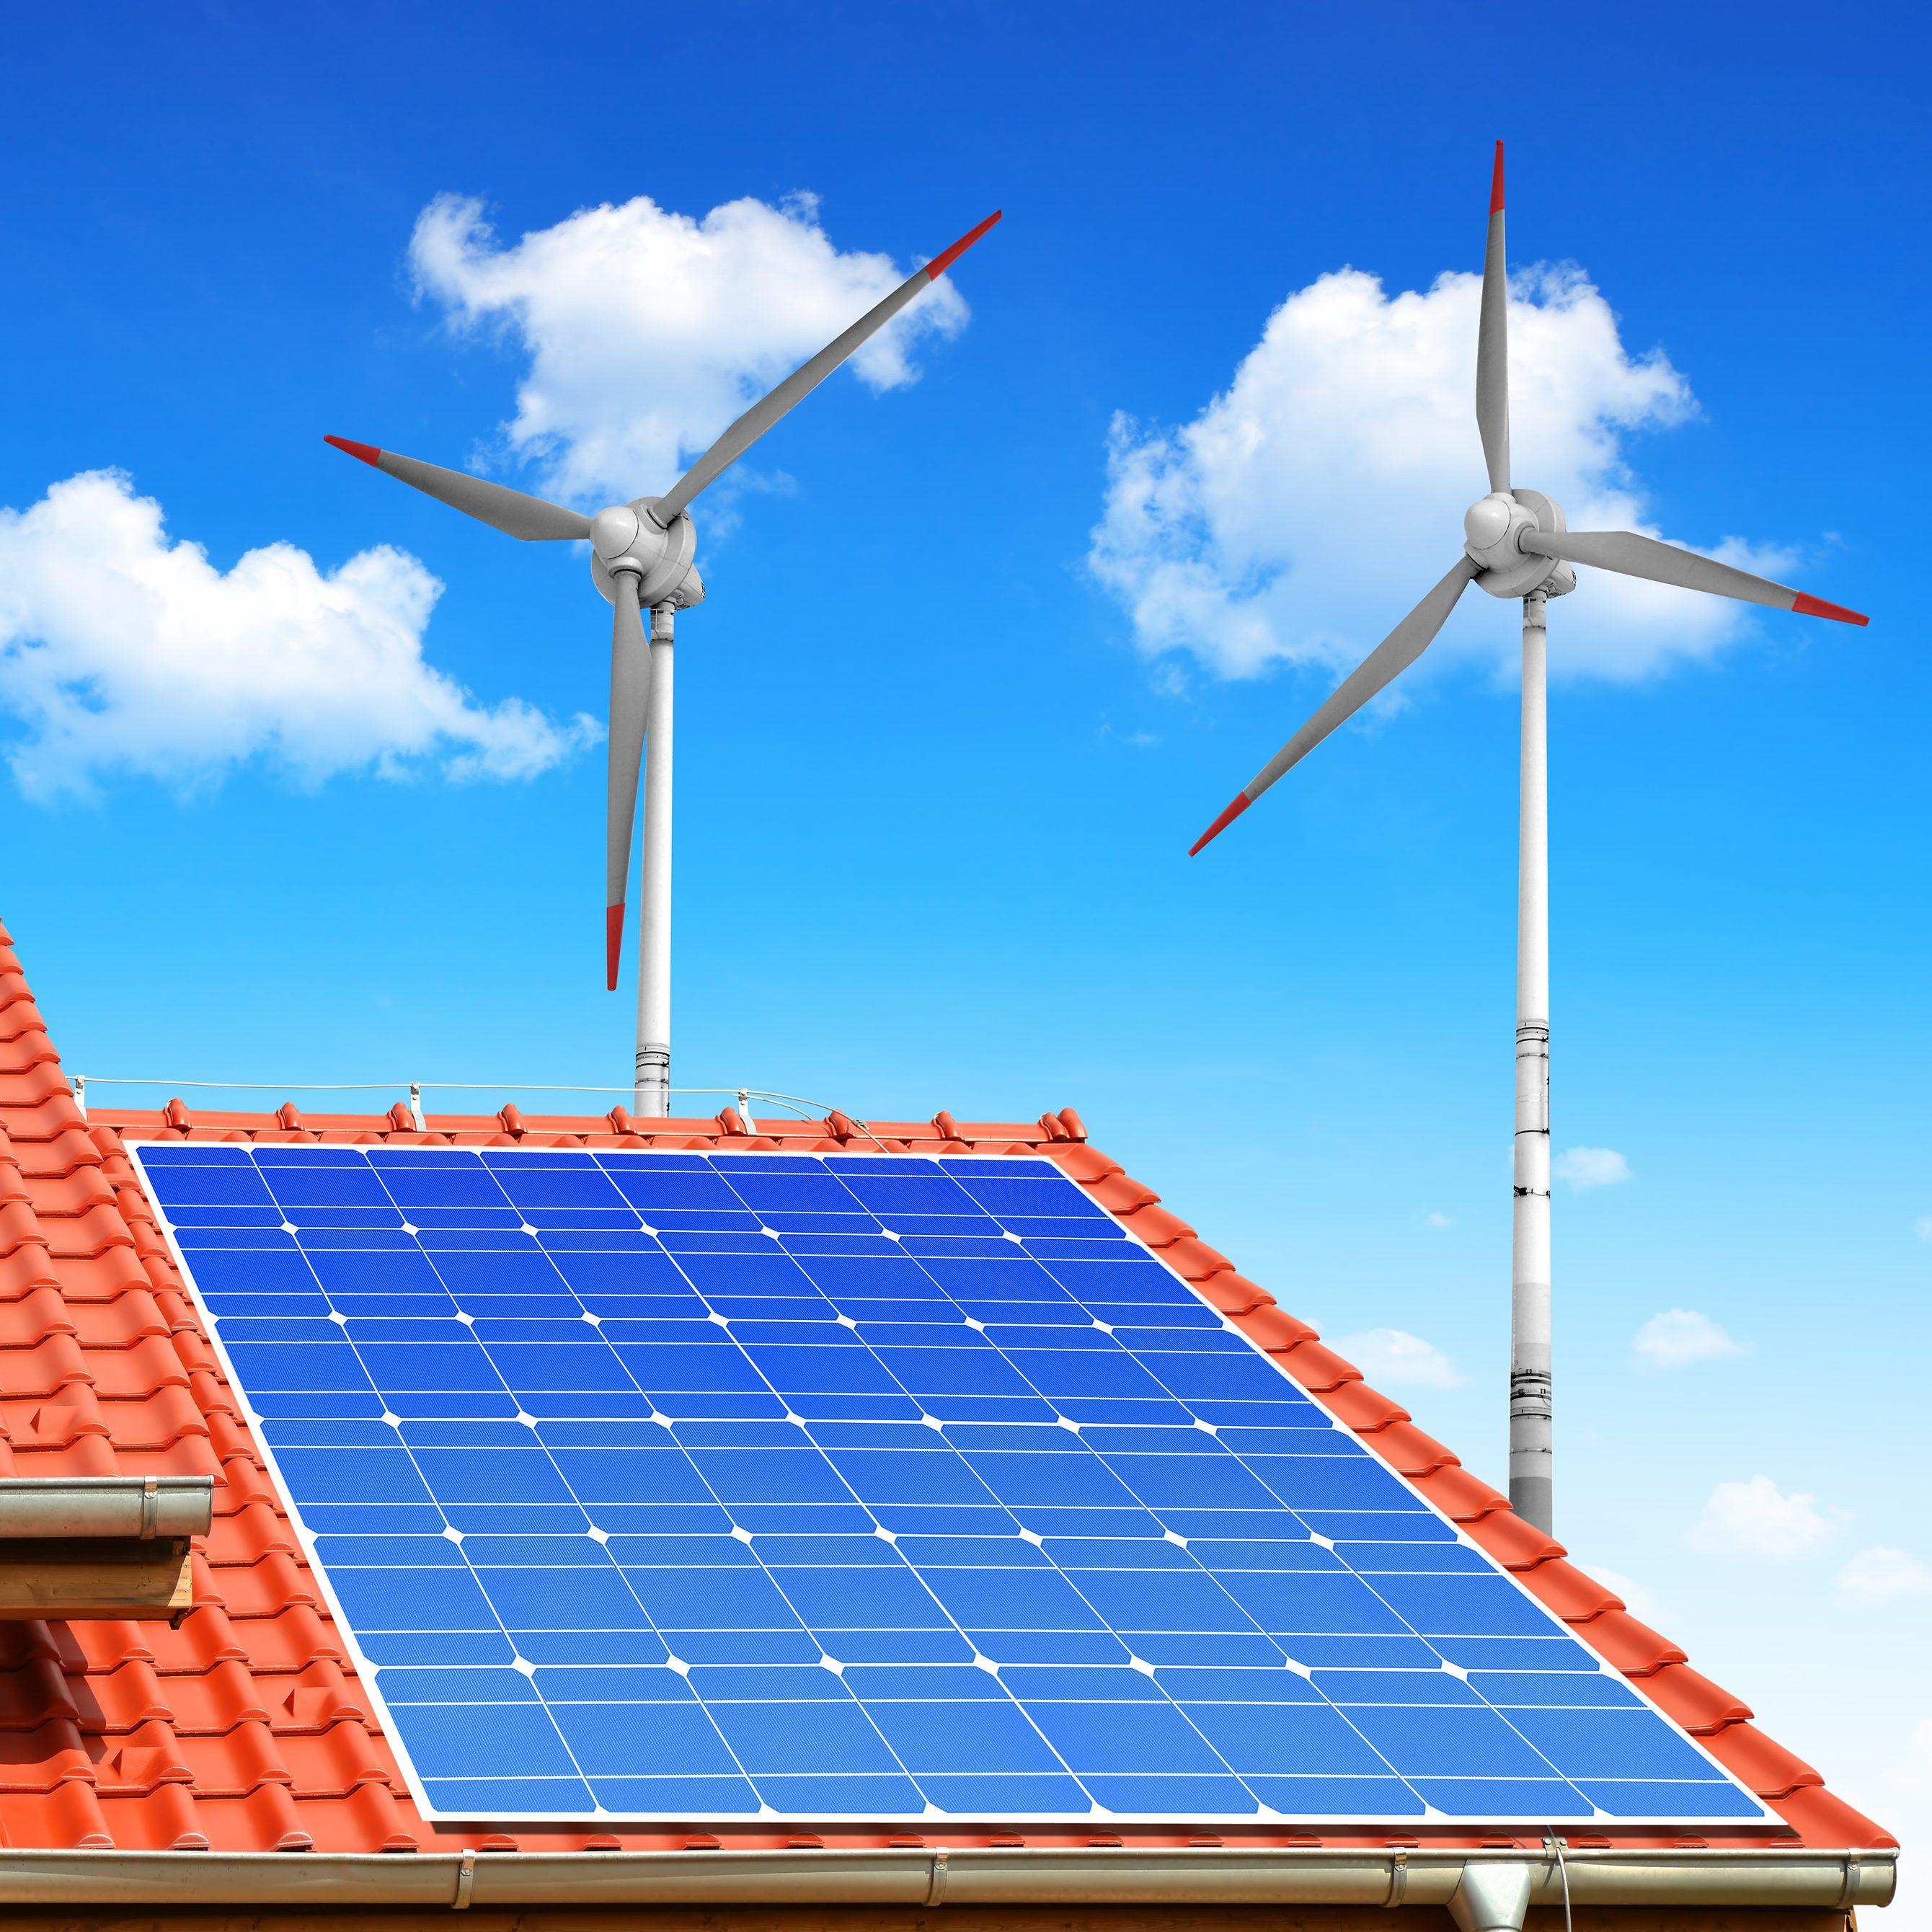 Residential wind energy user